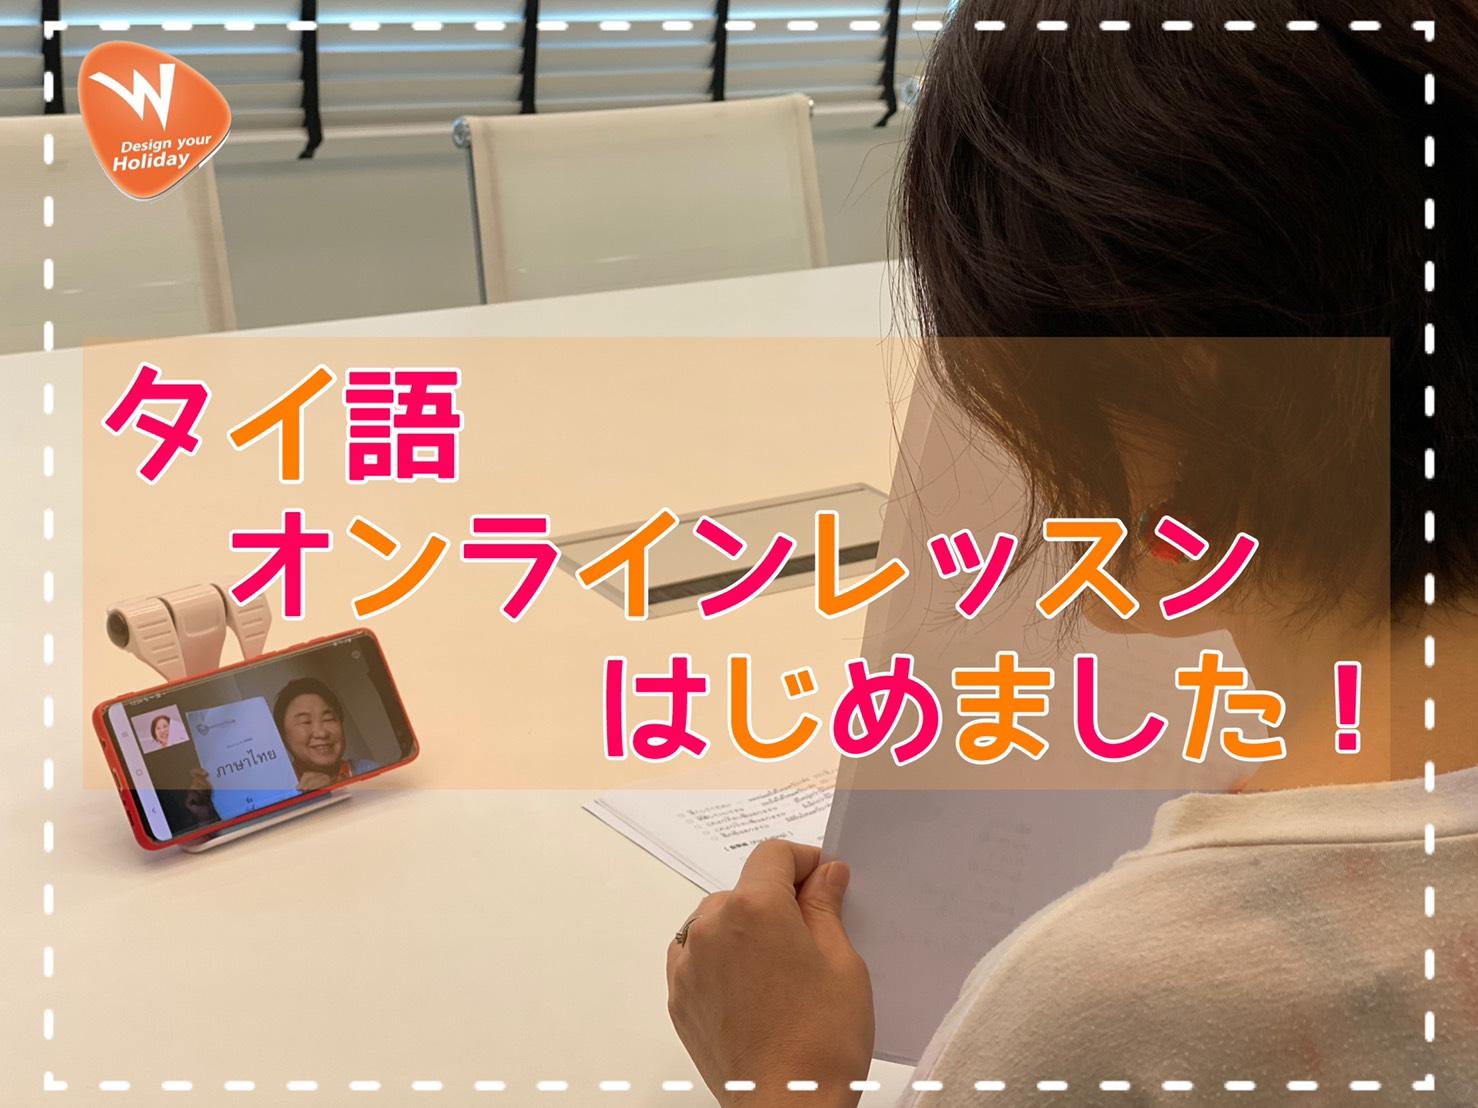 【動画】オンラインでタイ語教室始めました!!【タイ・お知らせ】